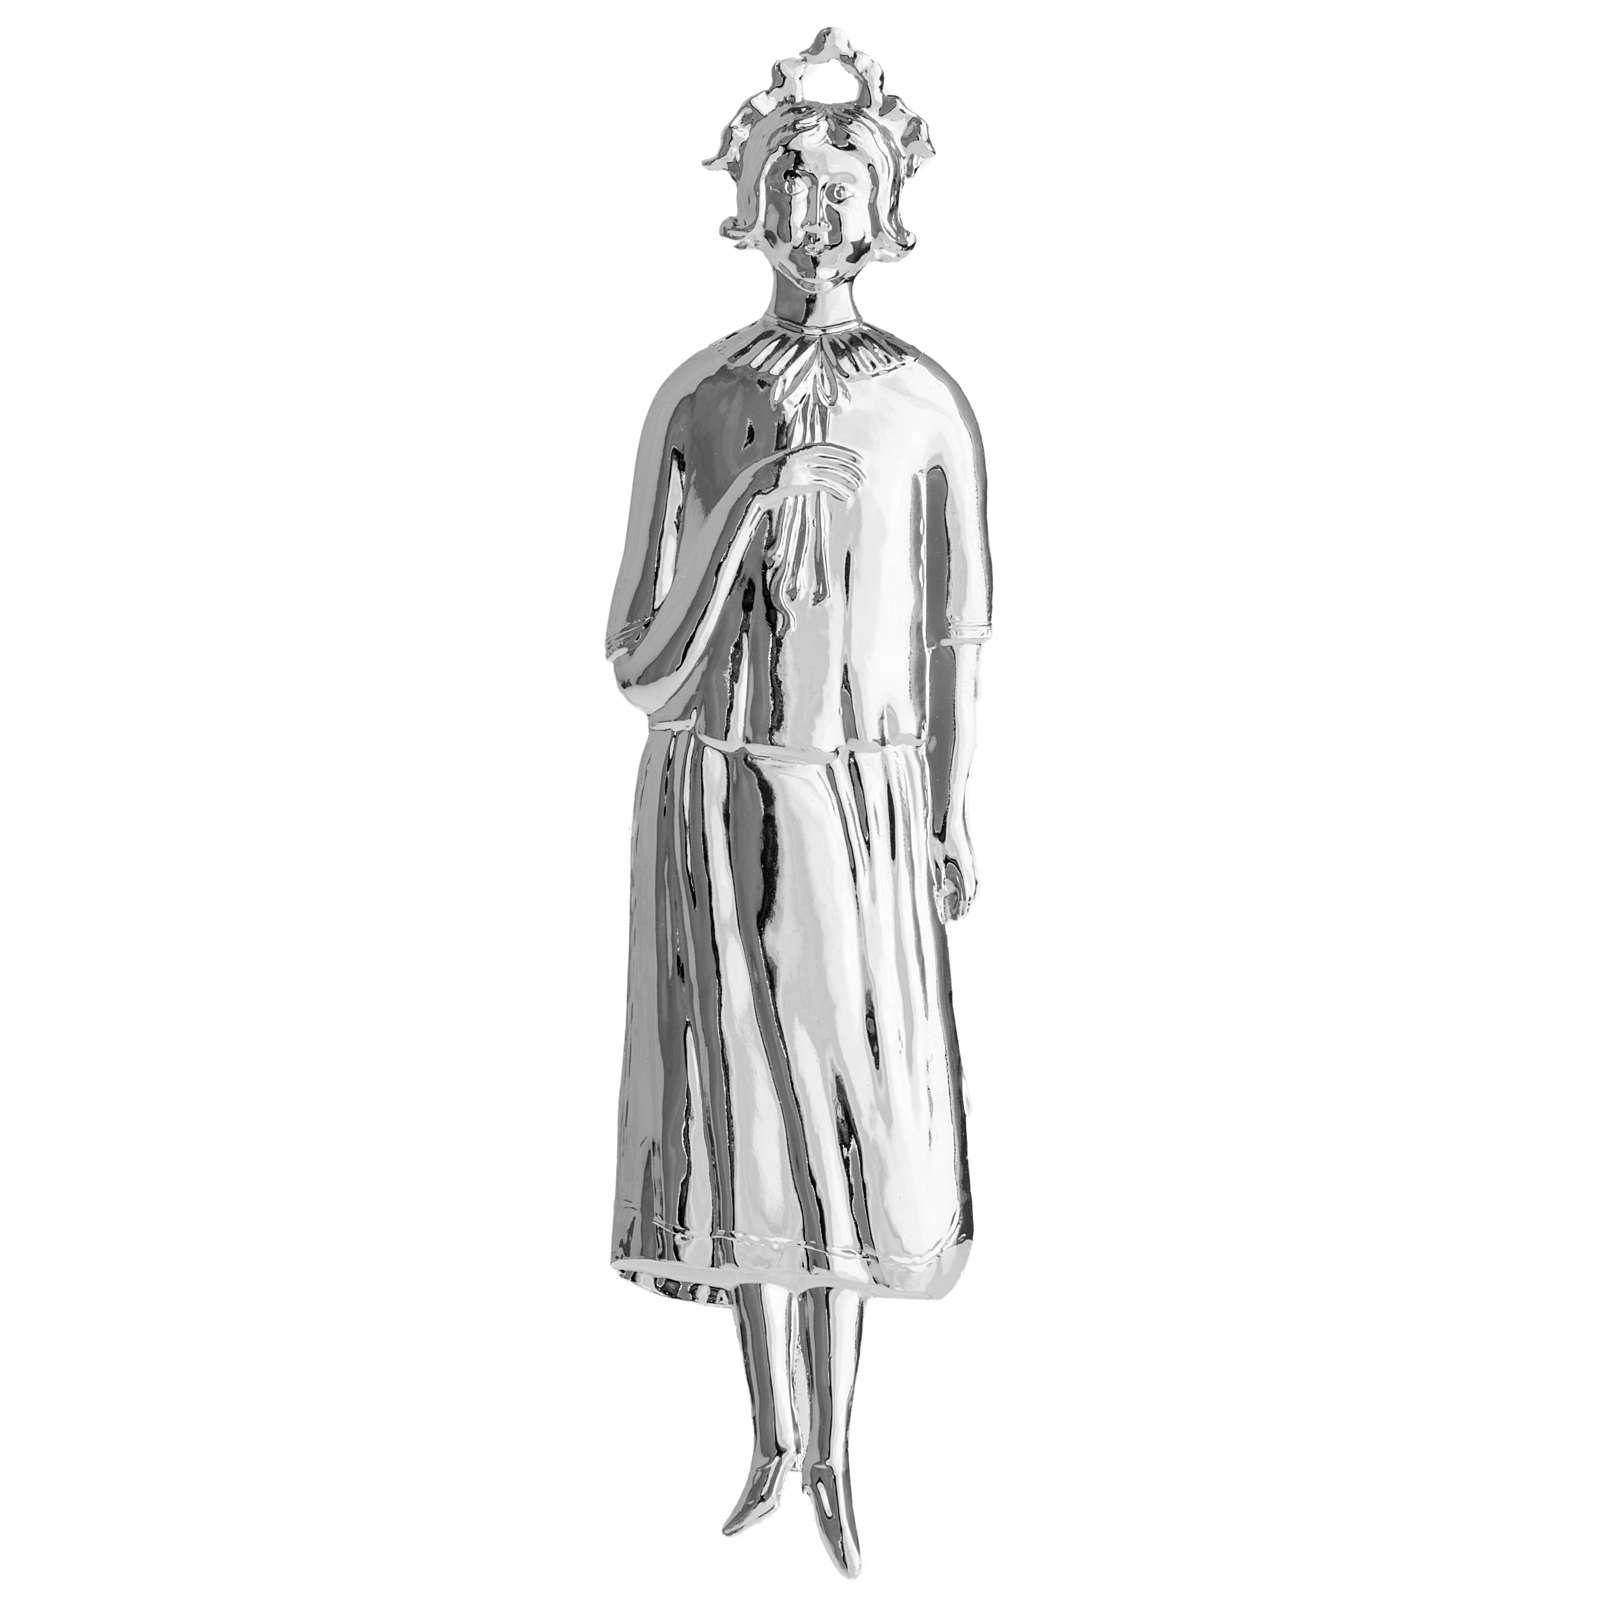 Ex voto donna argento 925 o metallo 20 cm 3